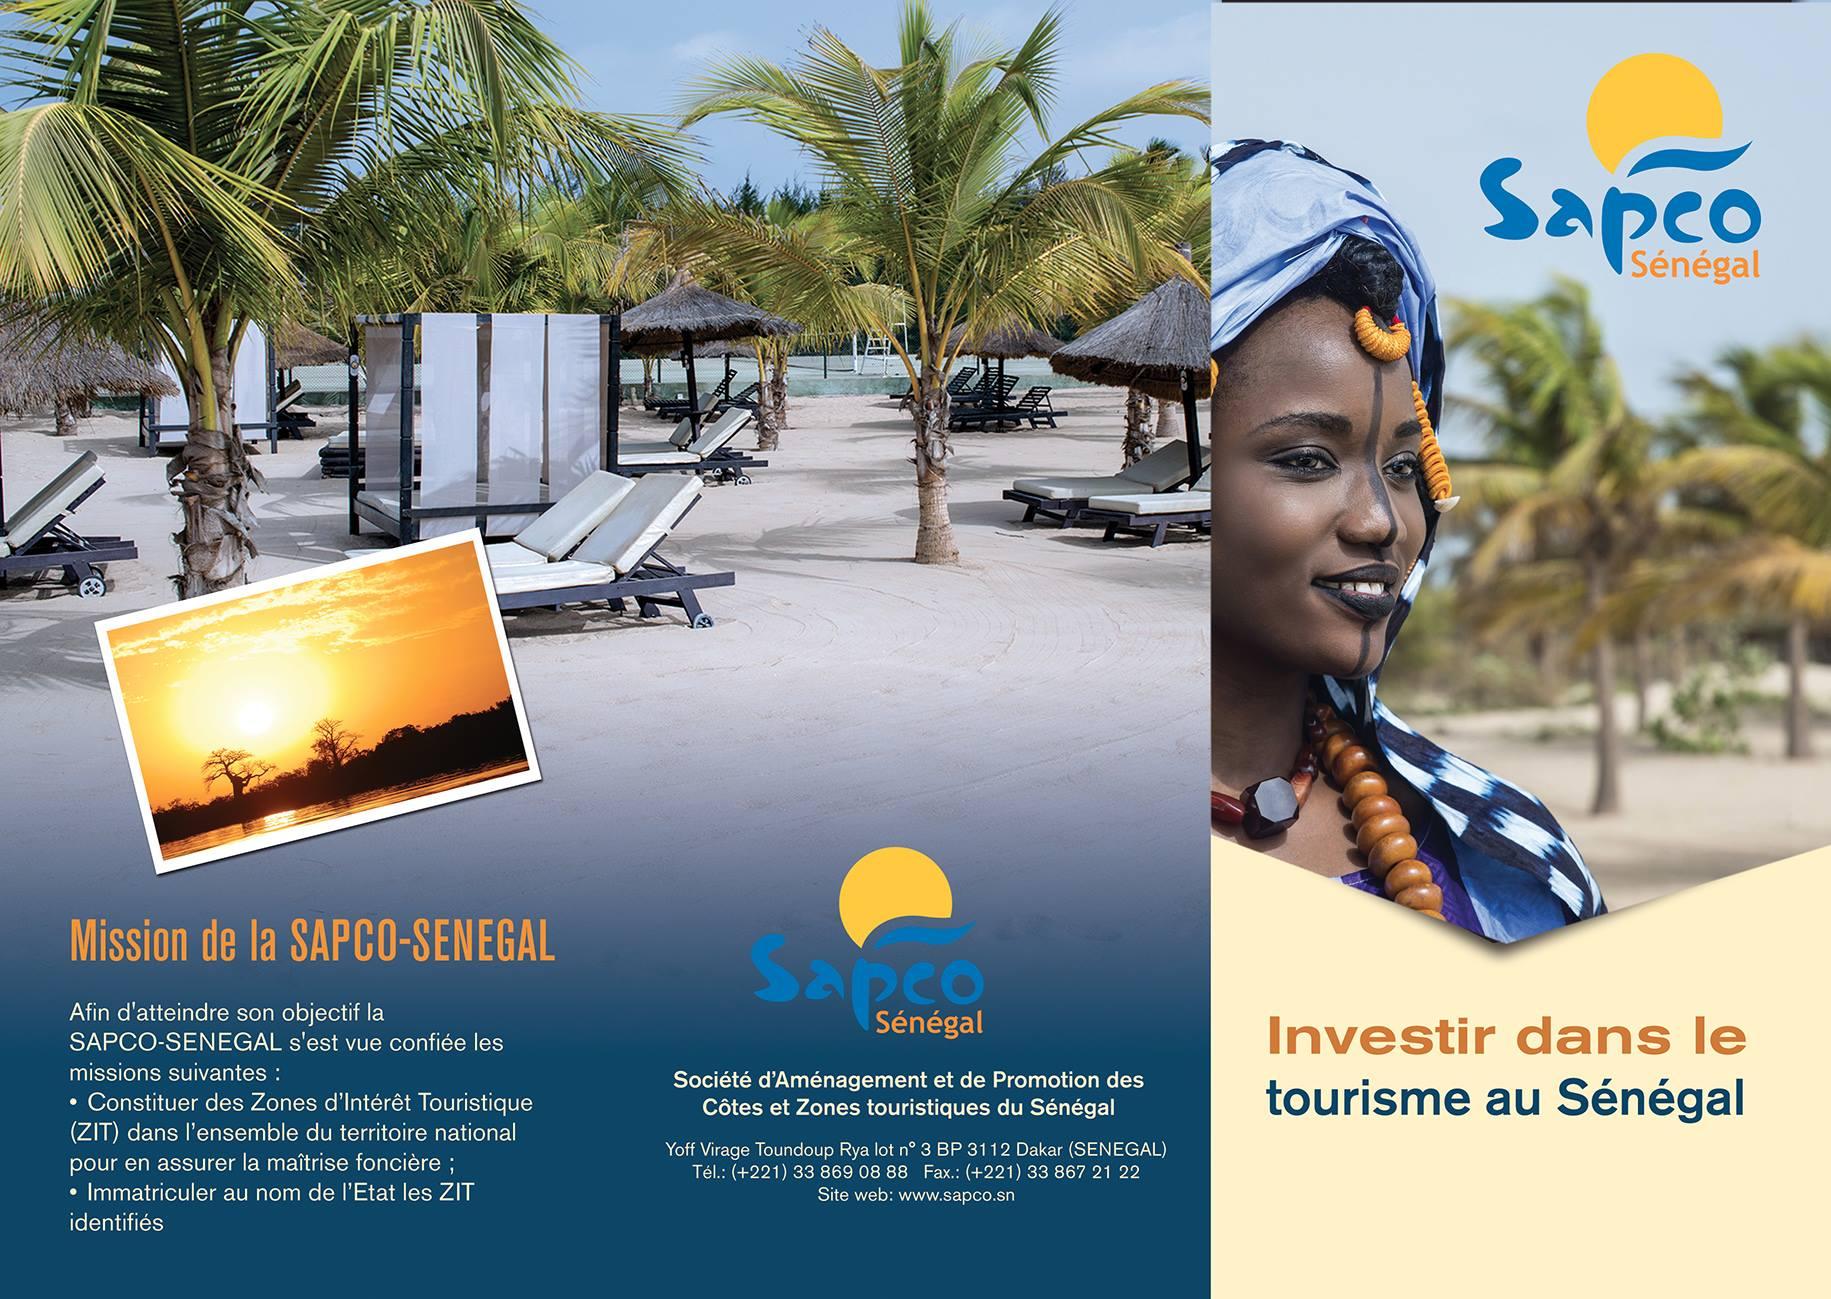 Foncier balnéaire: Après Saly, Pointe Sarène, la Sapco jette son dévolu sur Abéné (Dossier)